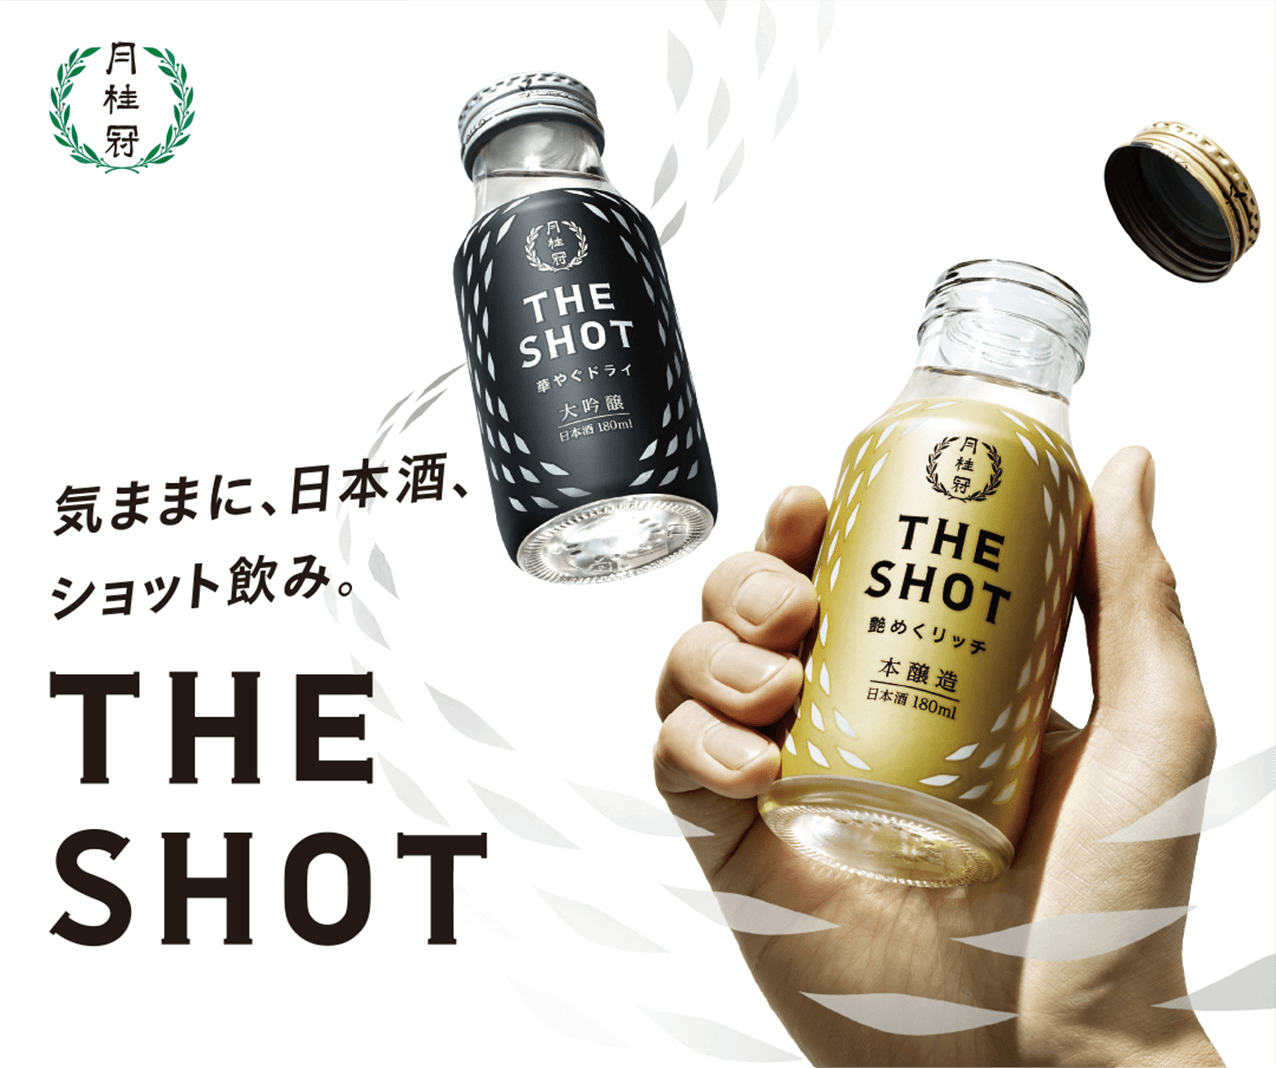 気ままに、日本酒、ショット飲み。THE SHOT